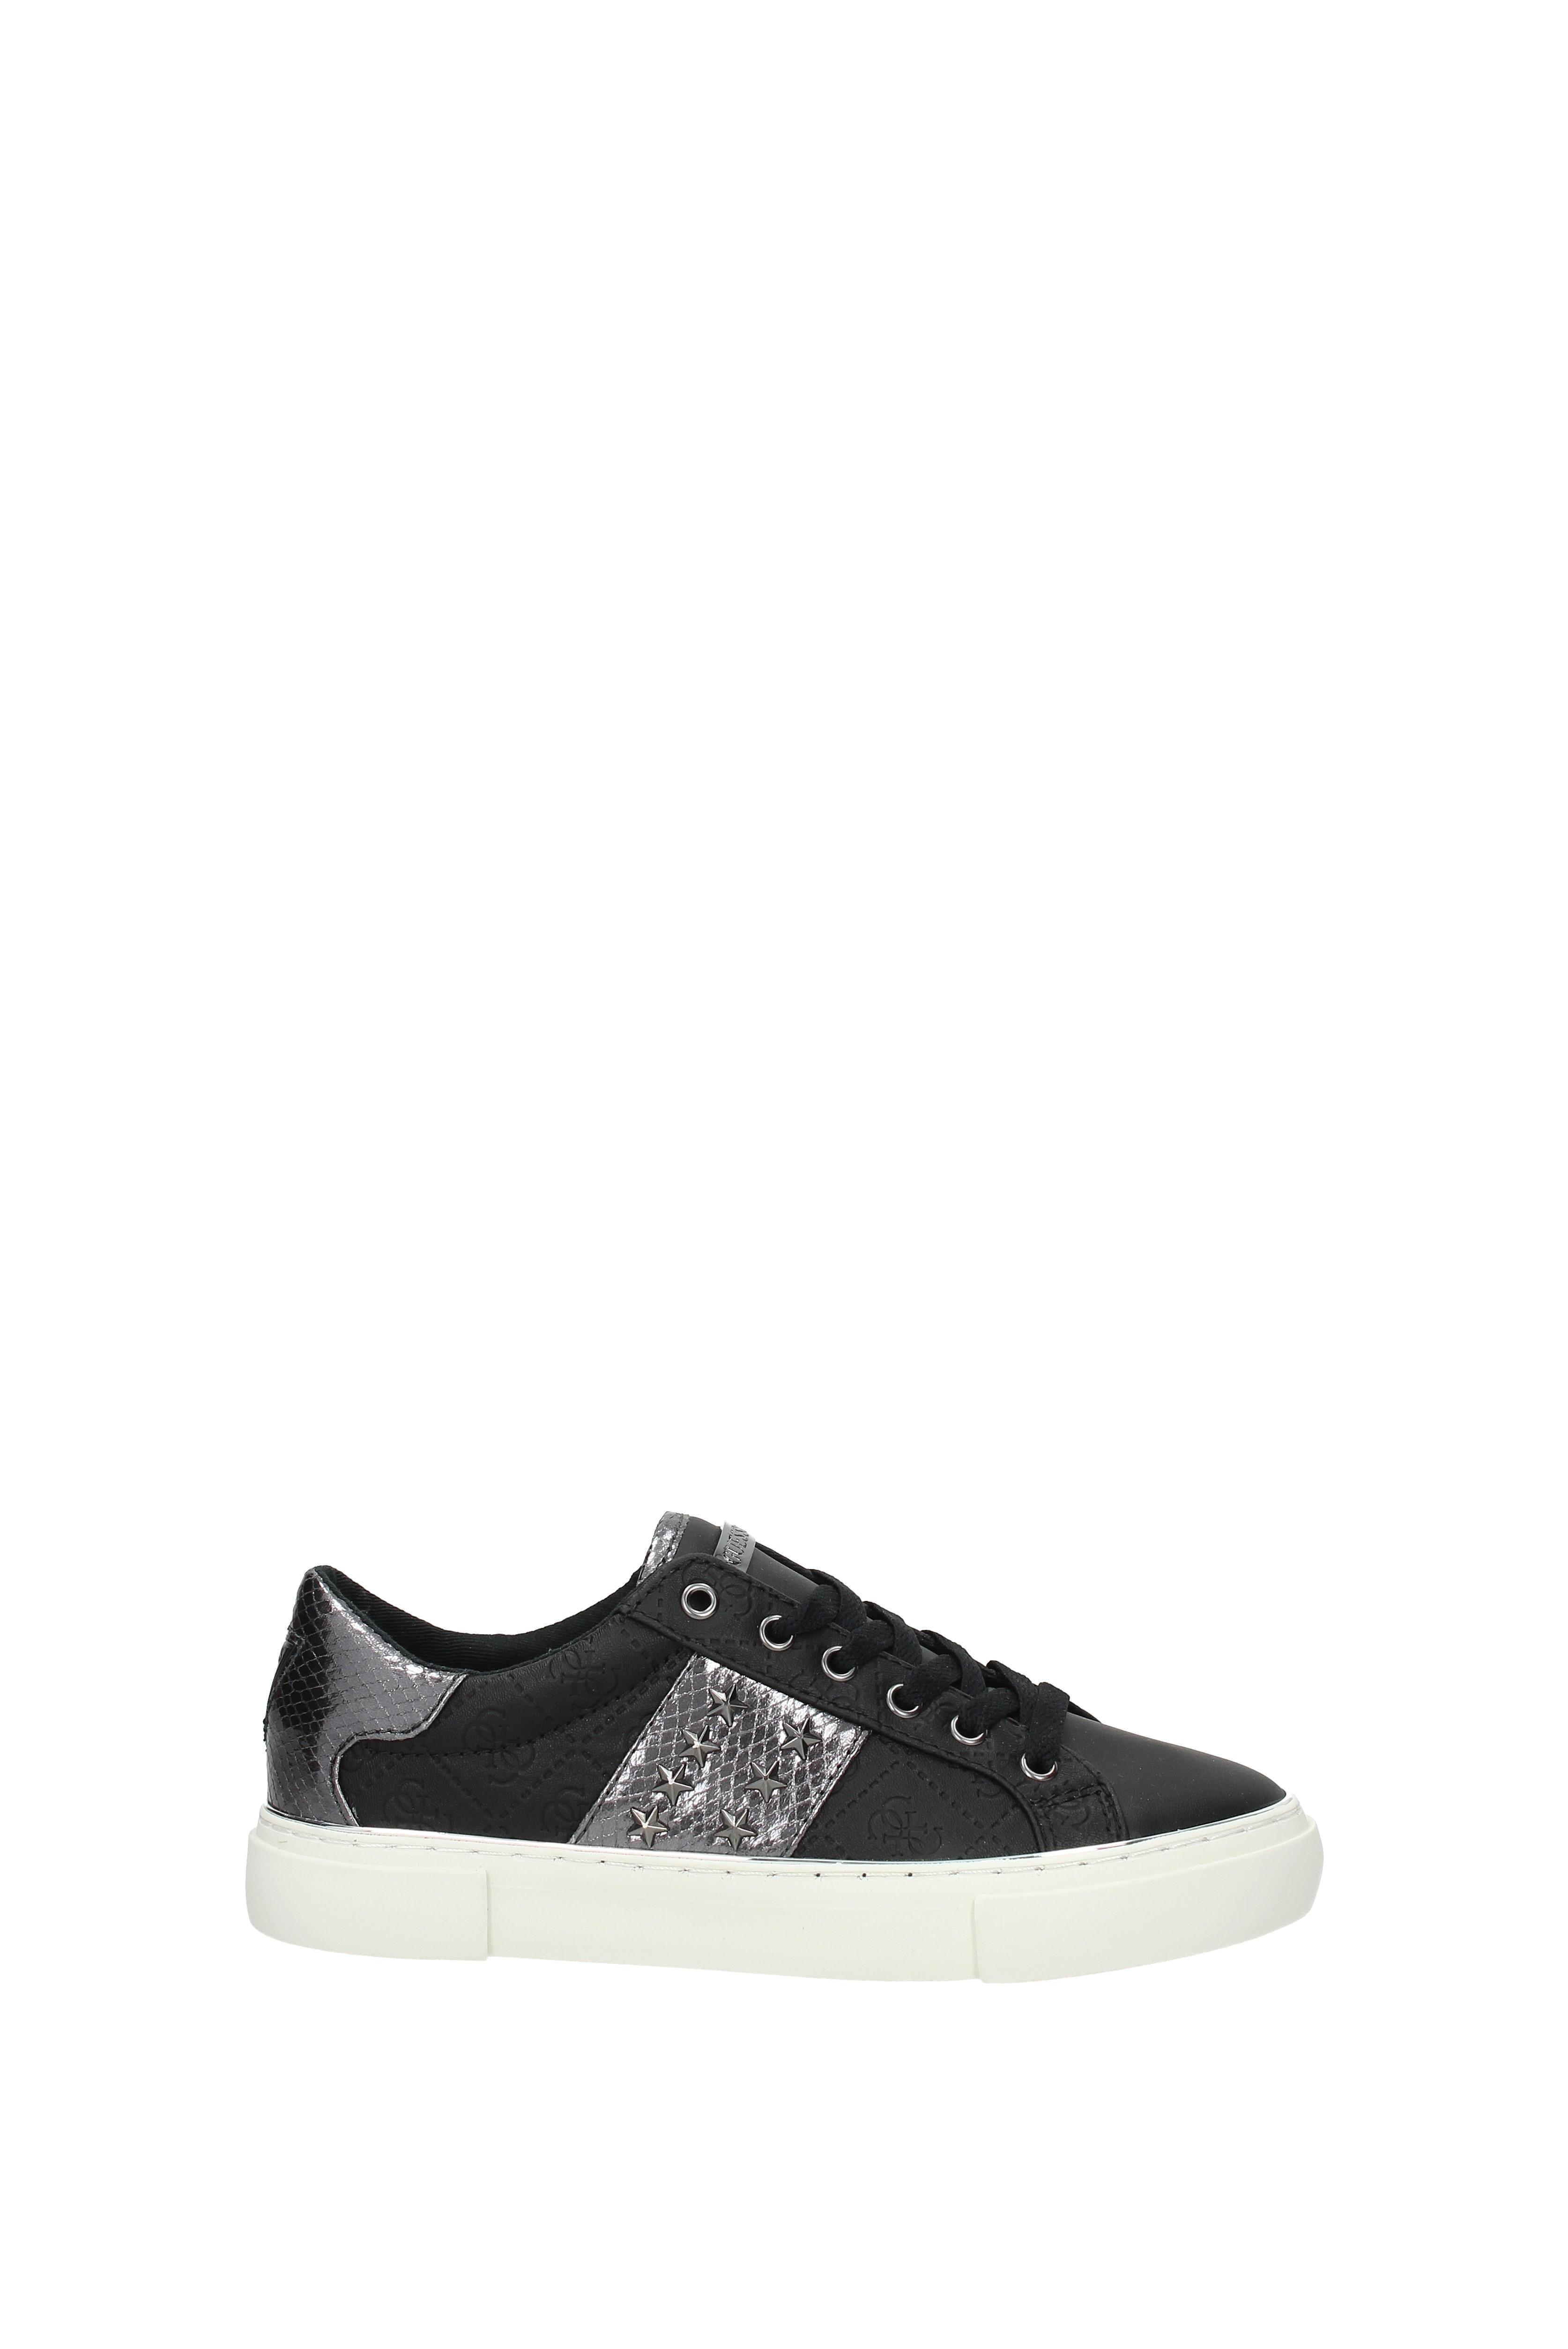 Sneakers (FLGA34FAL12) Guess Damen - Polyester (FLGA34FAL12) Sneakers 348b40